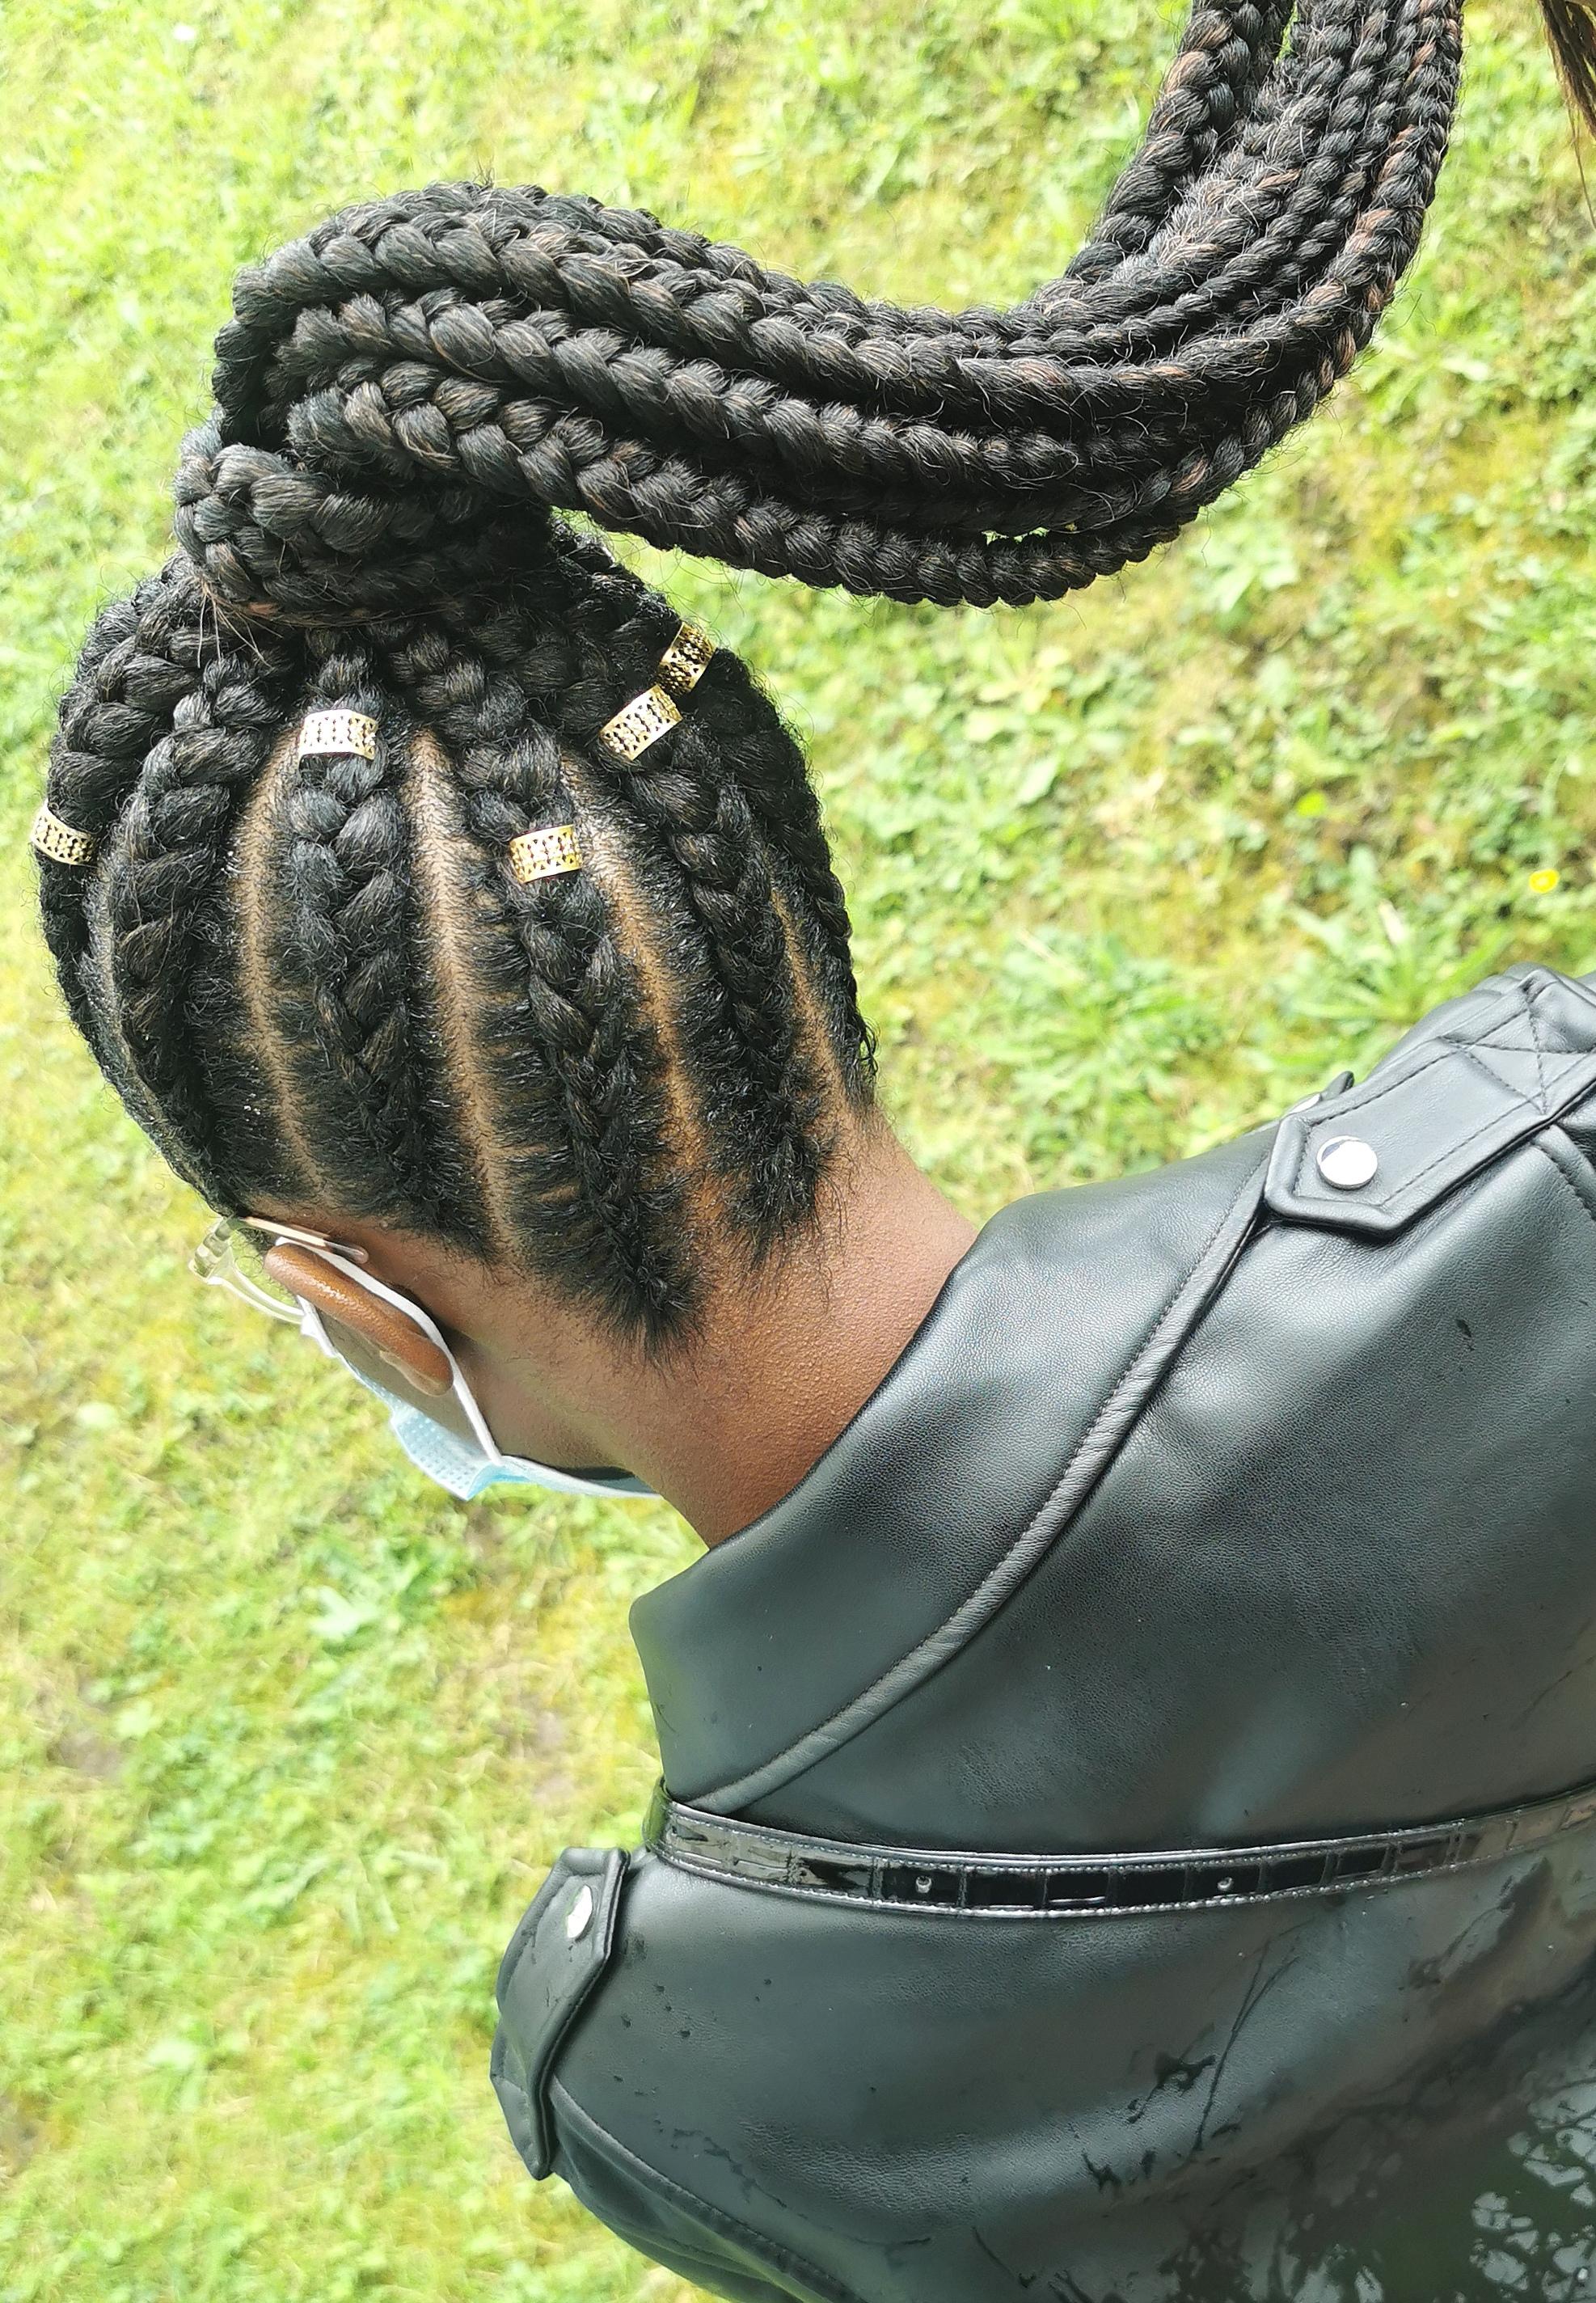 salon de coiffure afro tresse tresses box braids crochet braids vanilles tissages paris 75 77 78 91 92 93 94 95 BYEGVSEL